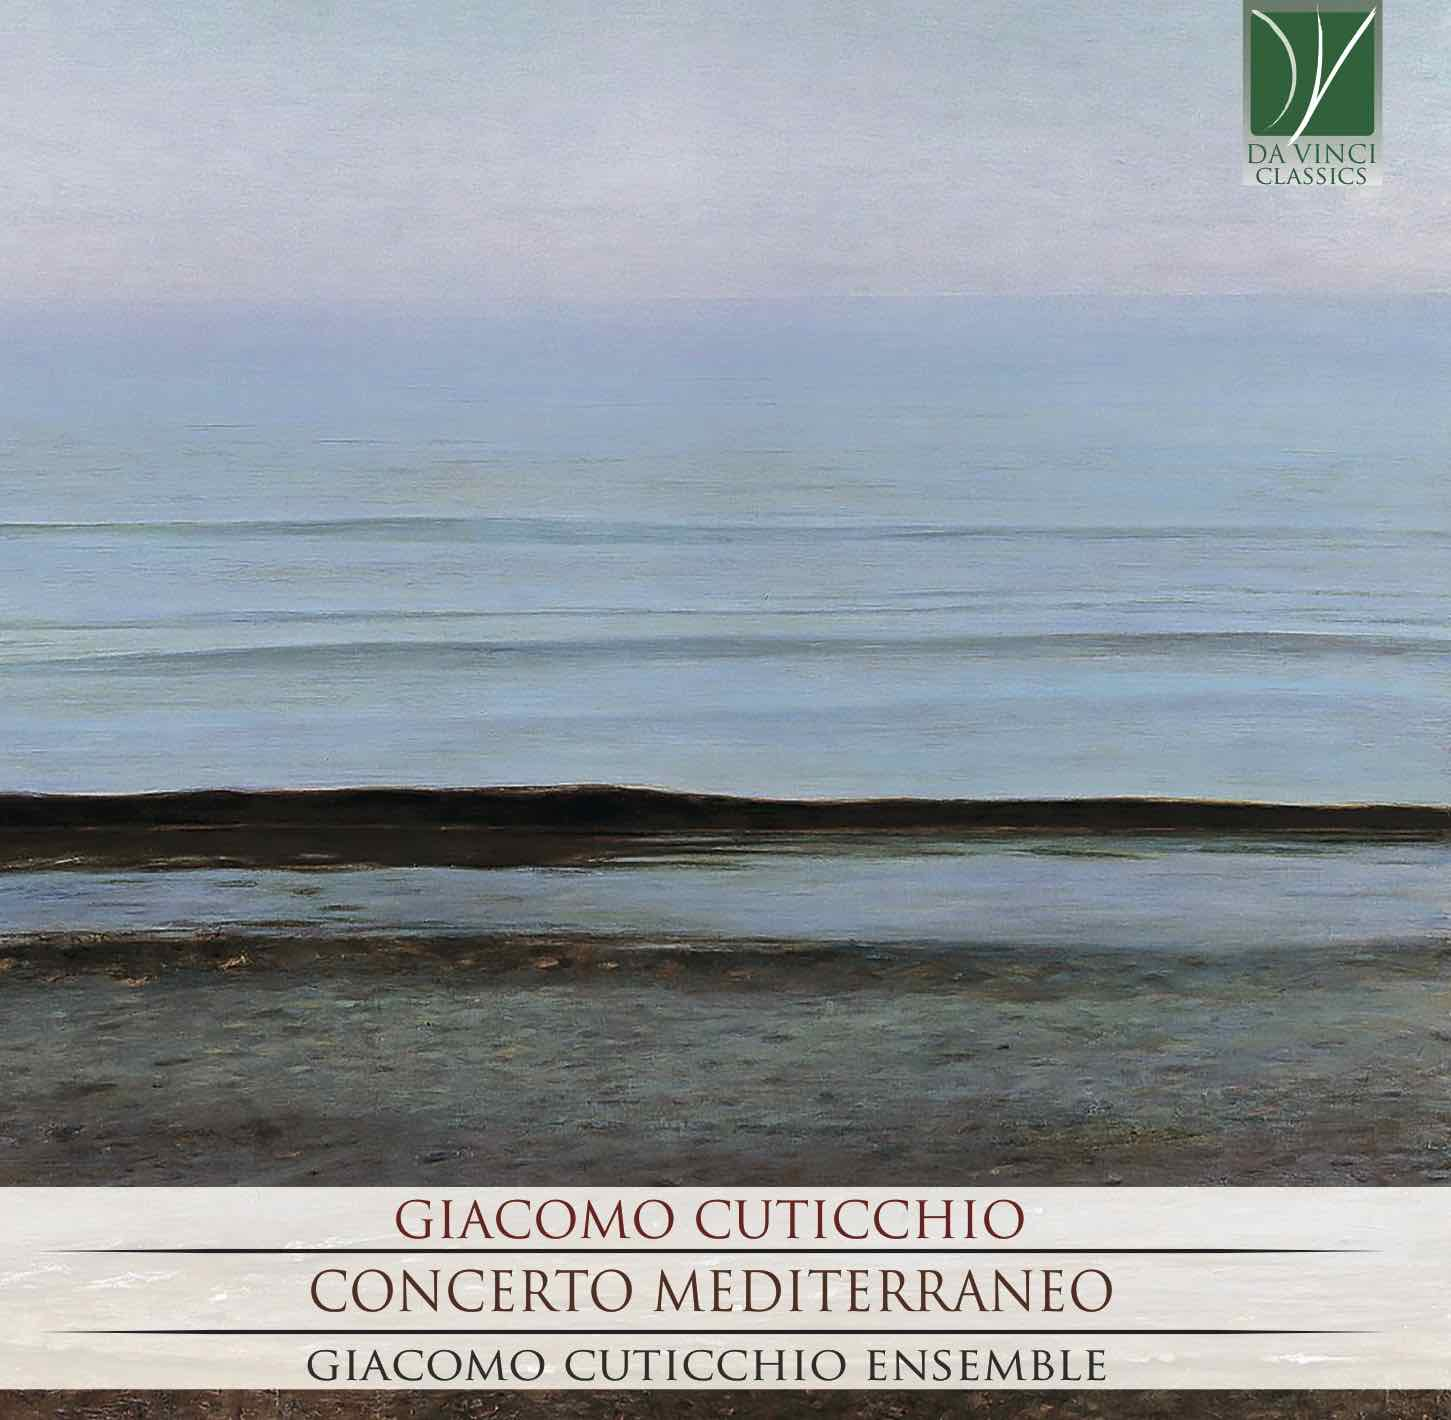 Concerto Mediterraneo by Giacomo Cuticchio Ensemble